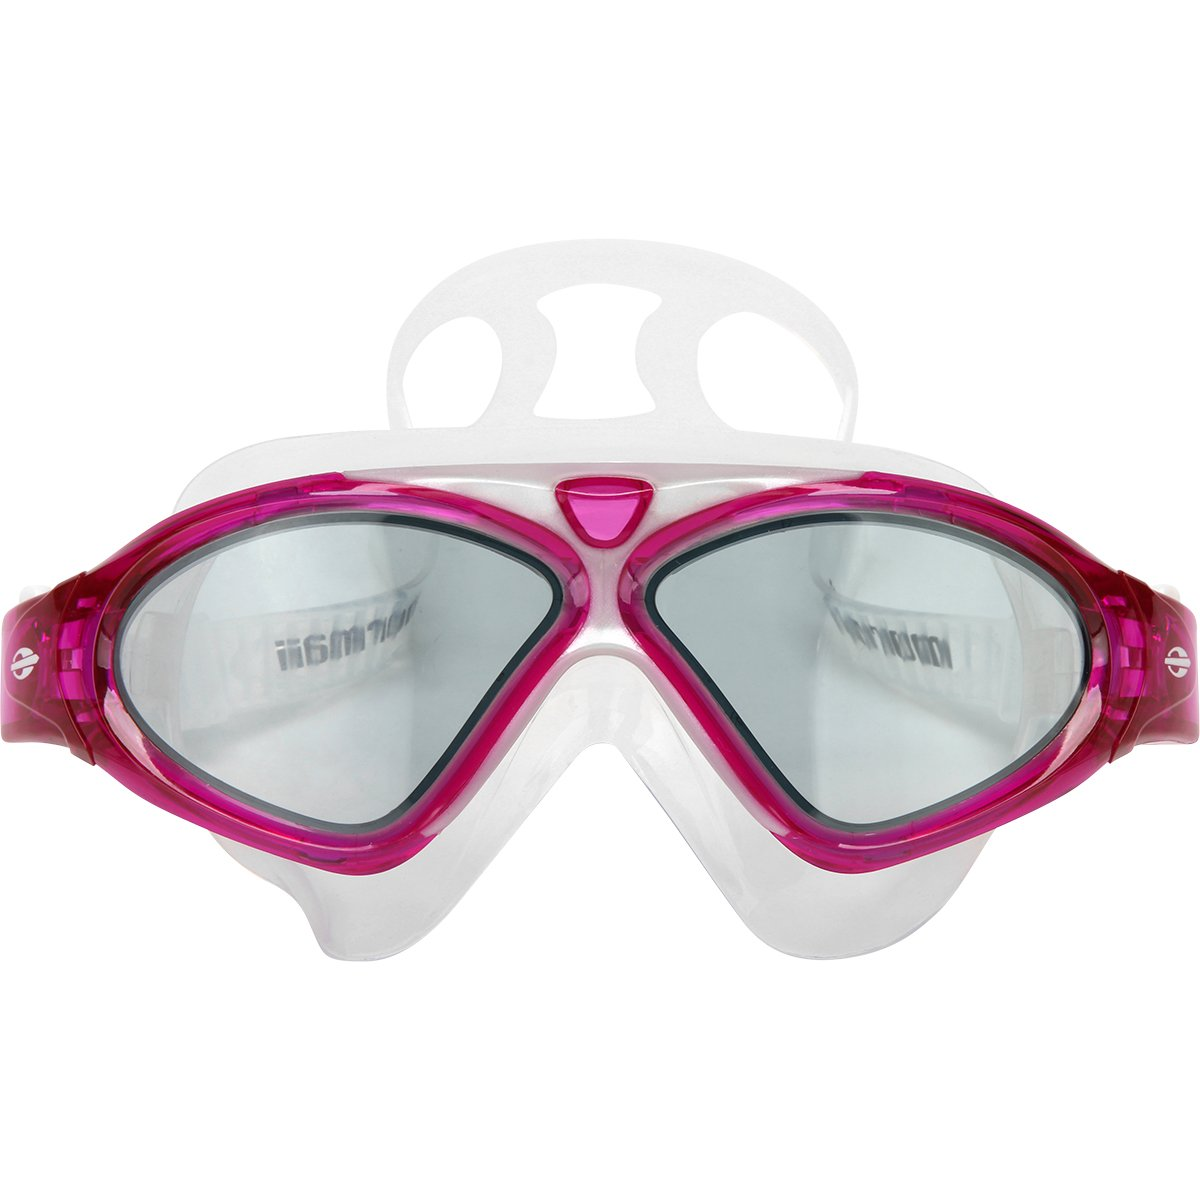 Óculos Mormaii Orbit - Compre Agora   Netshoes 71a5faa52e